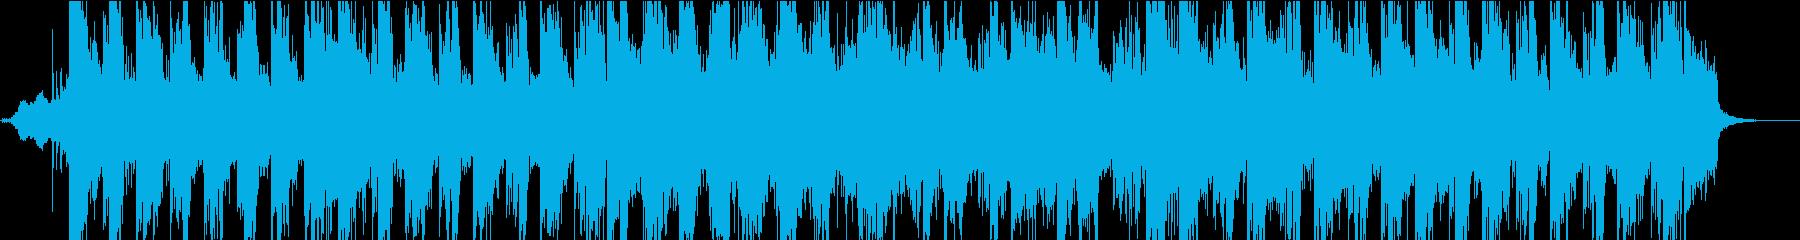 ストリングスのポップなテクノの再生済みの波形